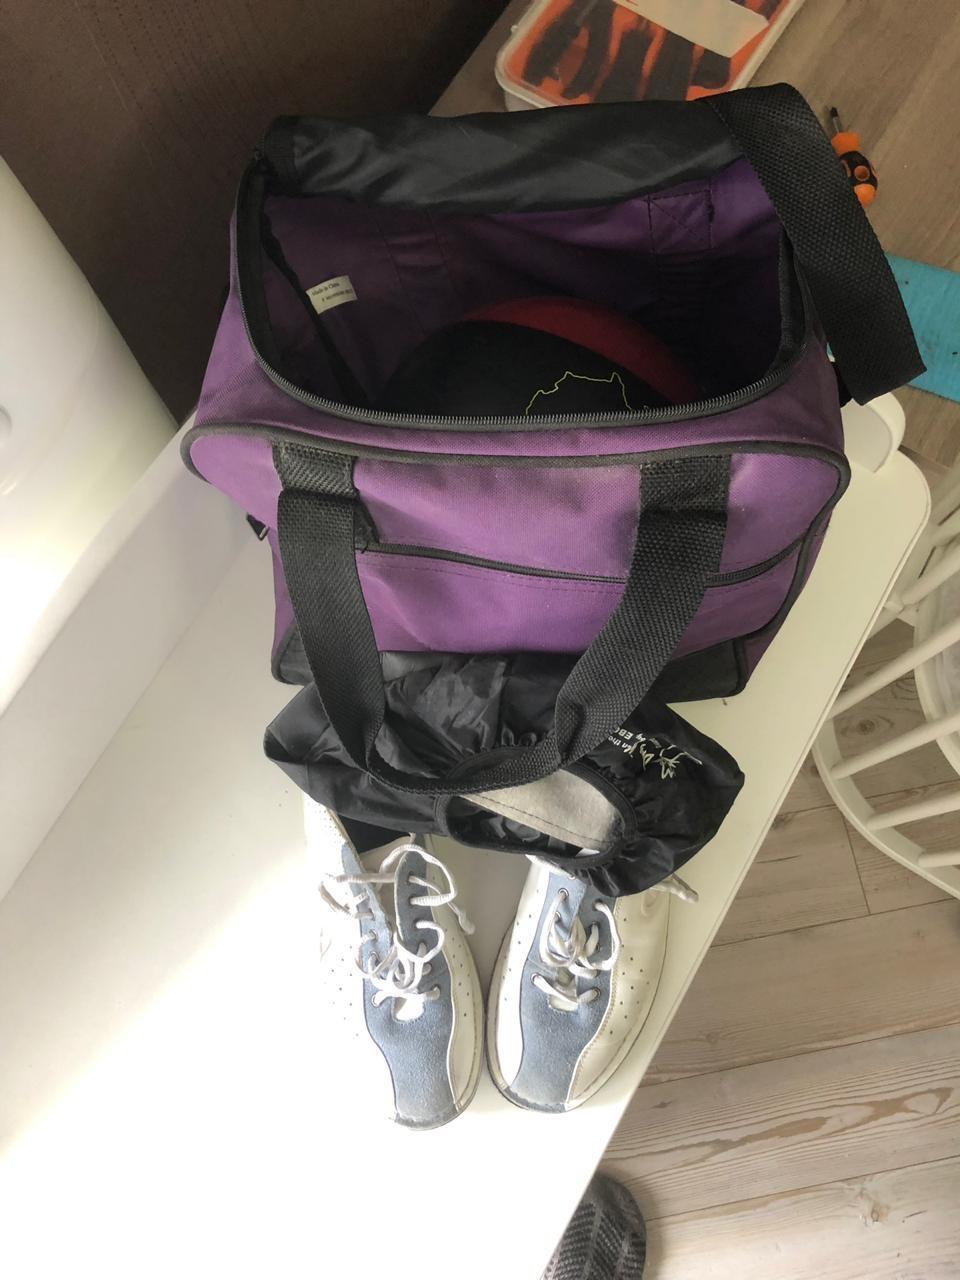 Комплект для боулинга - шар, ботинки, сумка в Москве 89150148129 купить 1